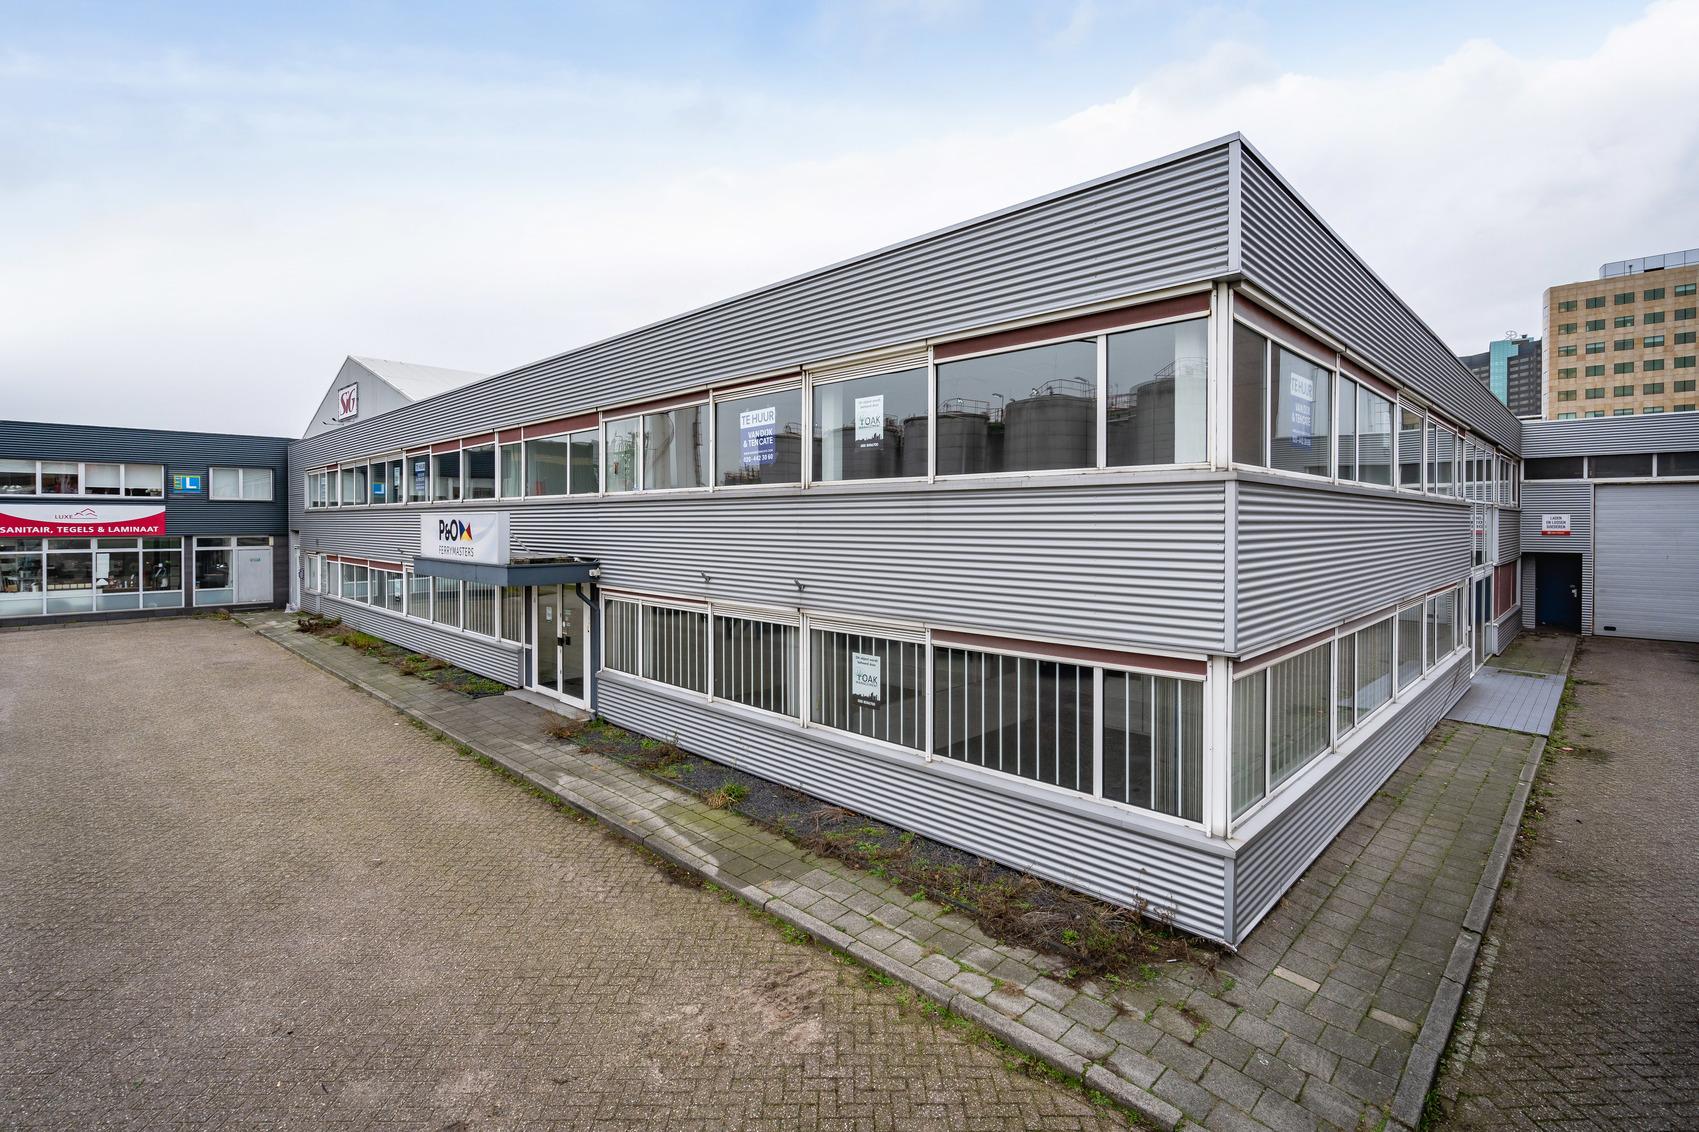 van-dijk-ten-cate-vastgoedadviseurs-amsterdam-isarweg-29